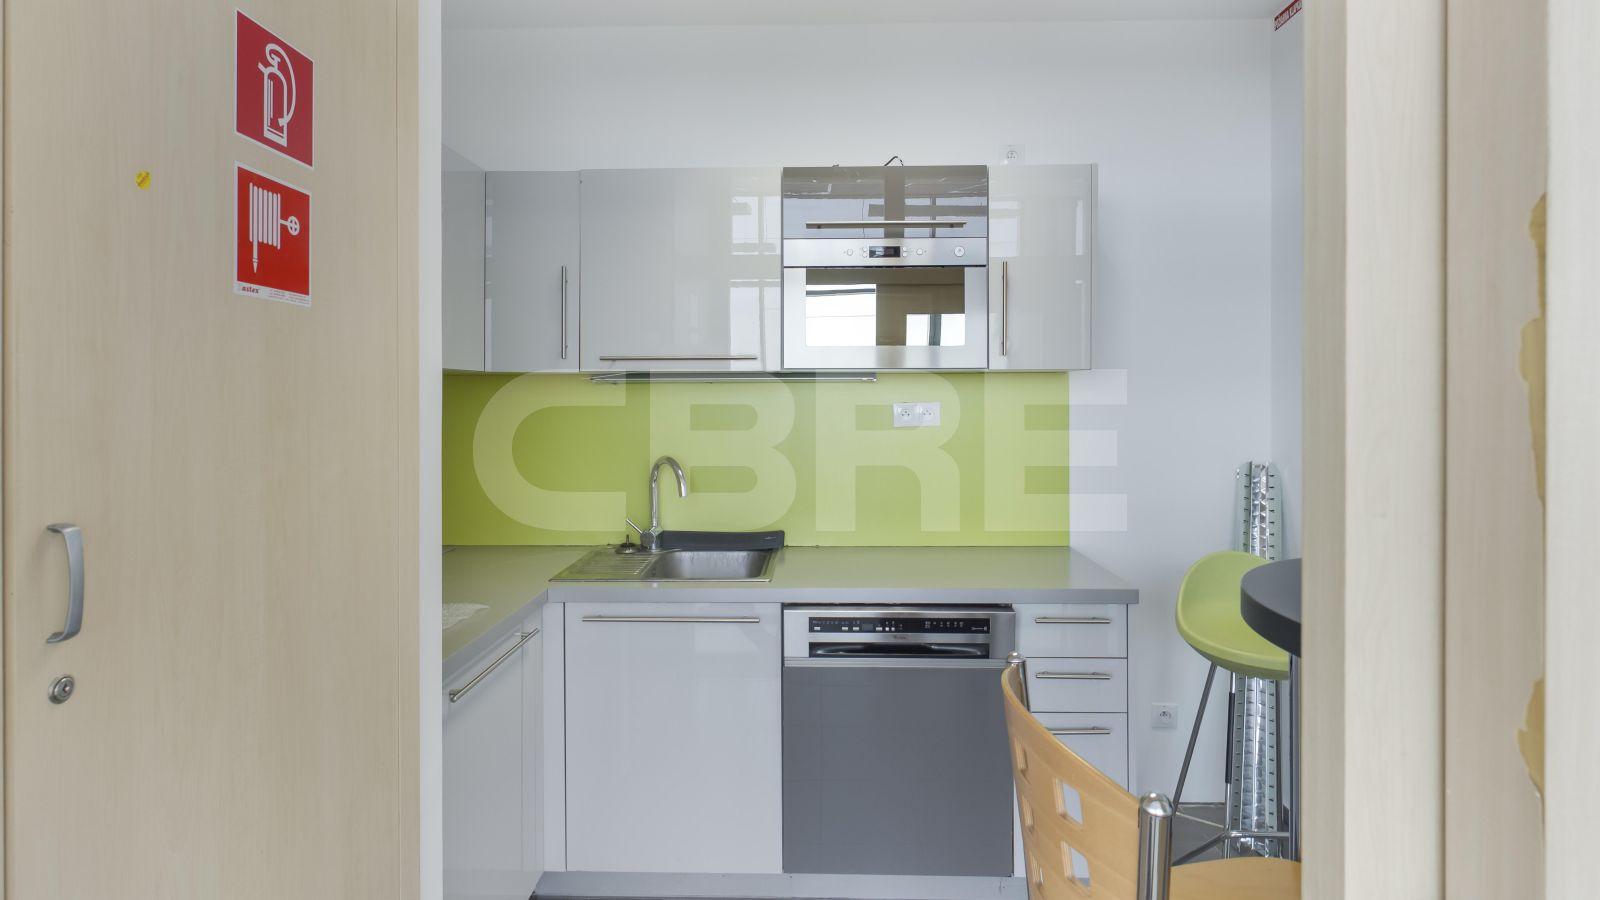 MicroStep - Vajnorská, Bratislava - Nové Mesto | Offices for rent by CBRE | 7